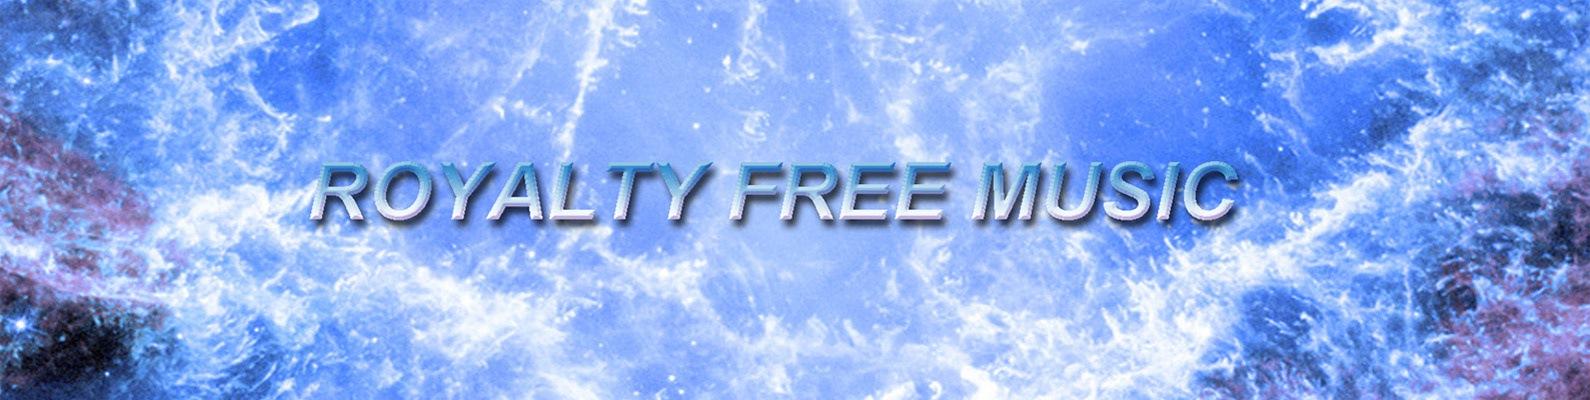 Royalty Free Music | Фоновая музыка для видео | ВКонтакте